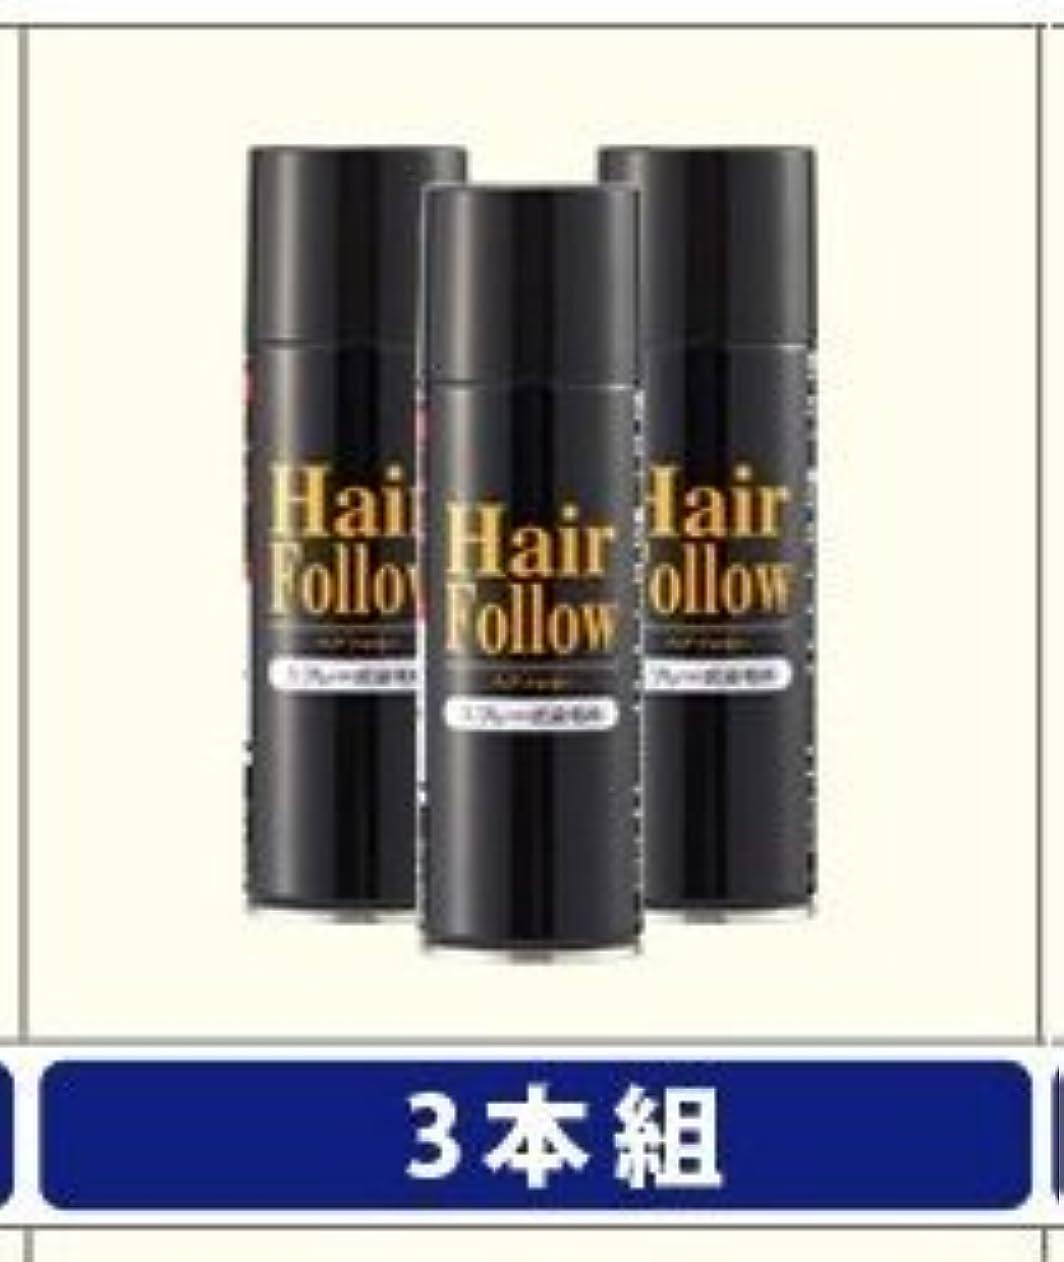 変装テクスチャーしおれたNEW ヘアフォロー スプレー ブラウン スプレー式染毛料 自然に薄毛をボリュームアップ!薄毛隠し かつら (3本)